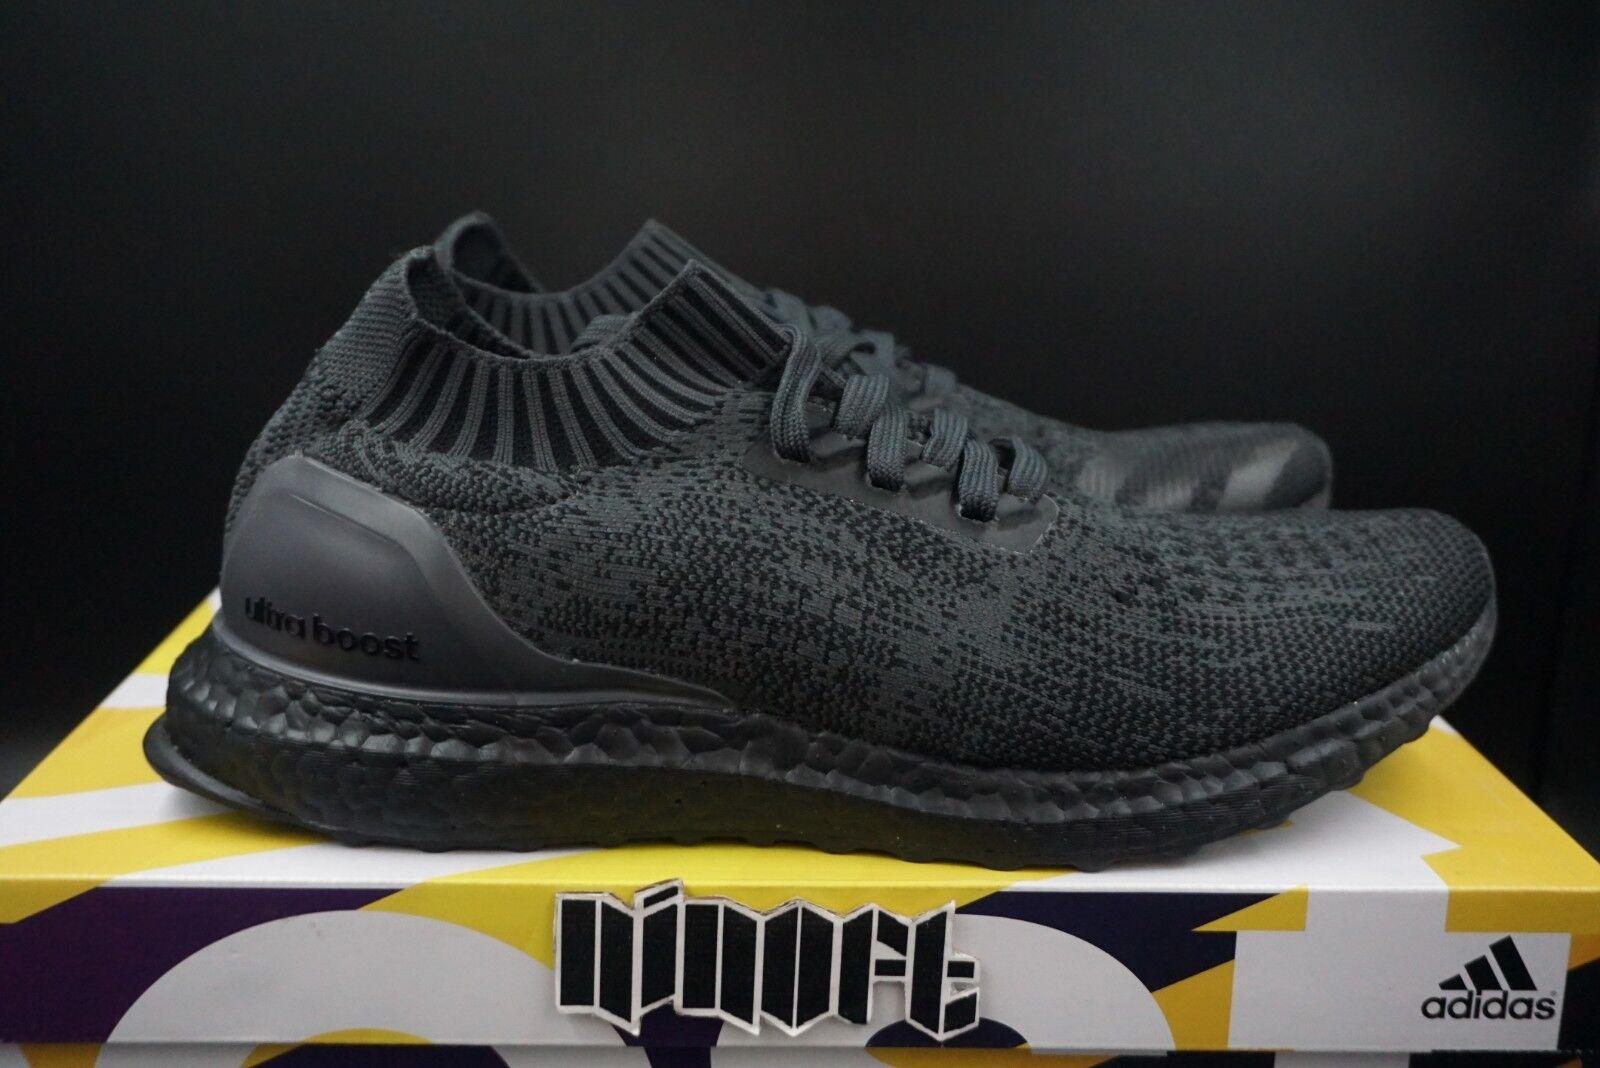 Adidas - uncaged anzukurbeln - neue schwarz ba7996 nur selten neue - dfef11